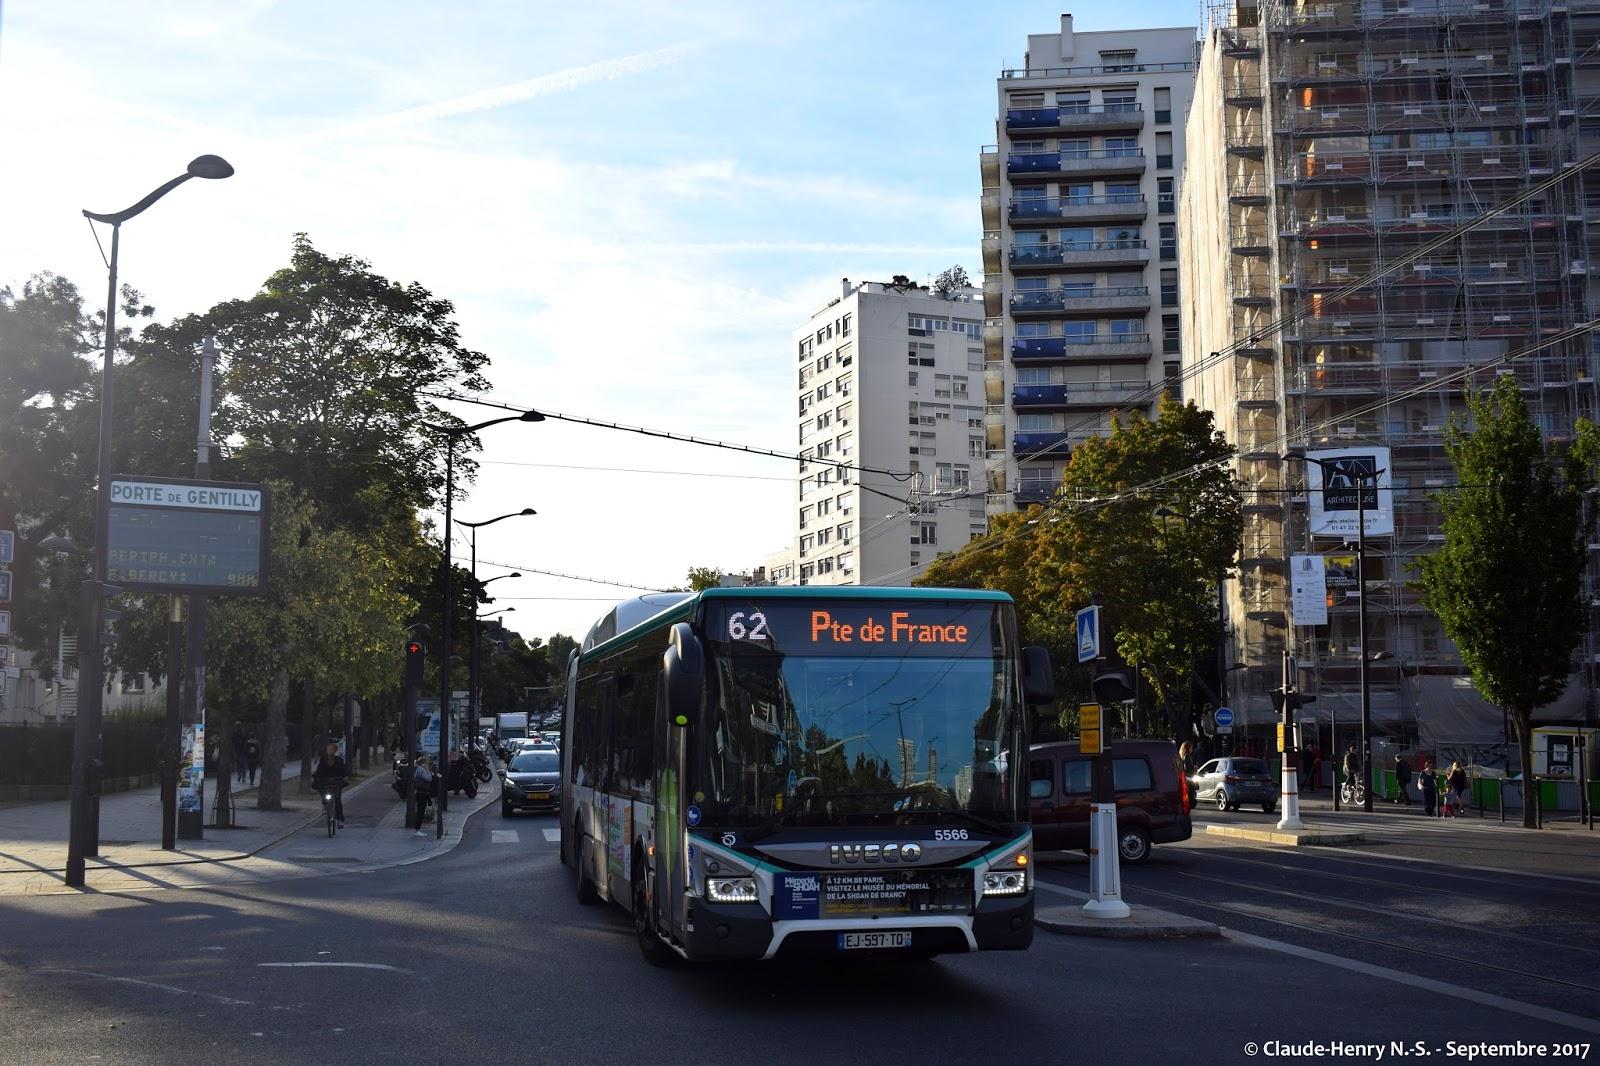 ratp  la ligne de bus ratp 187  thiais  go u00fbte aux citelis 18 spec de la ligne 62  quais de